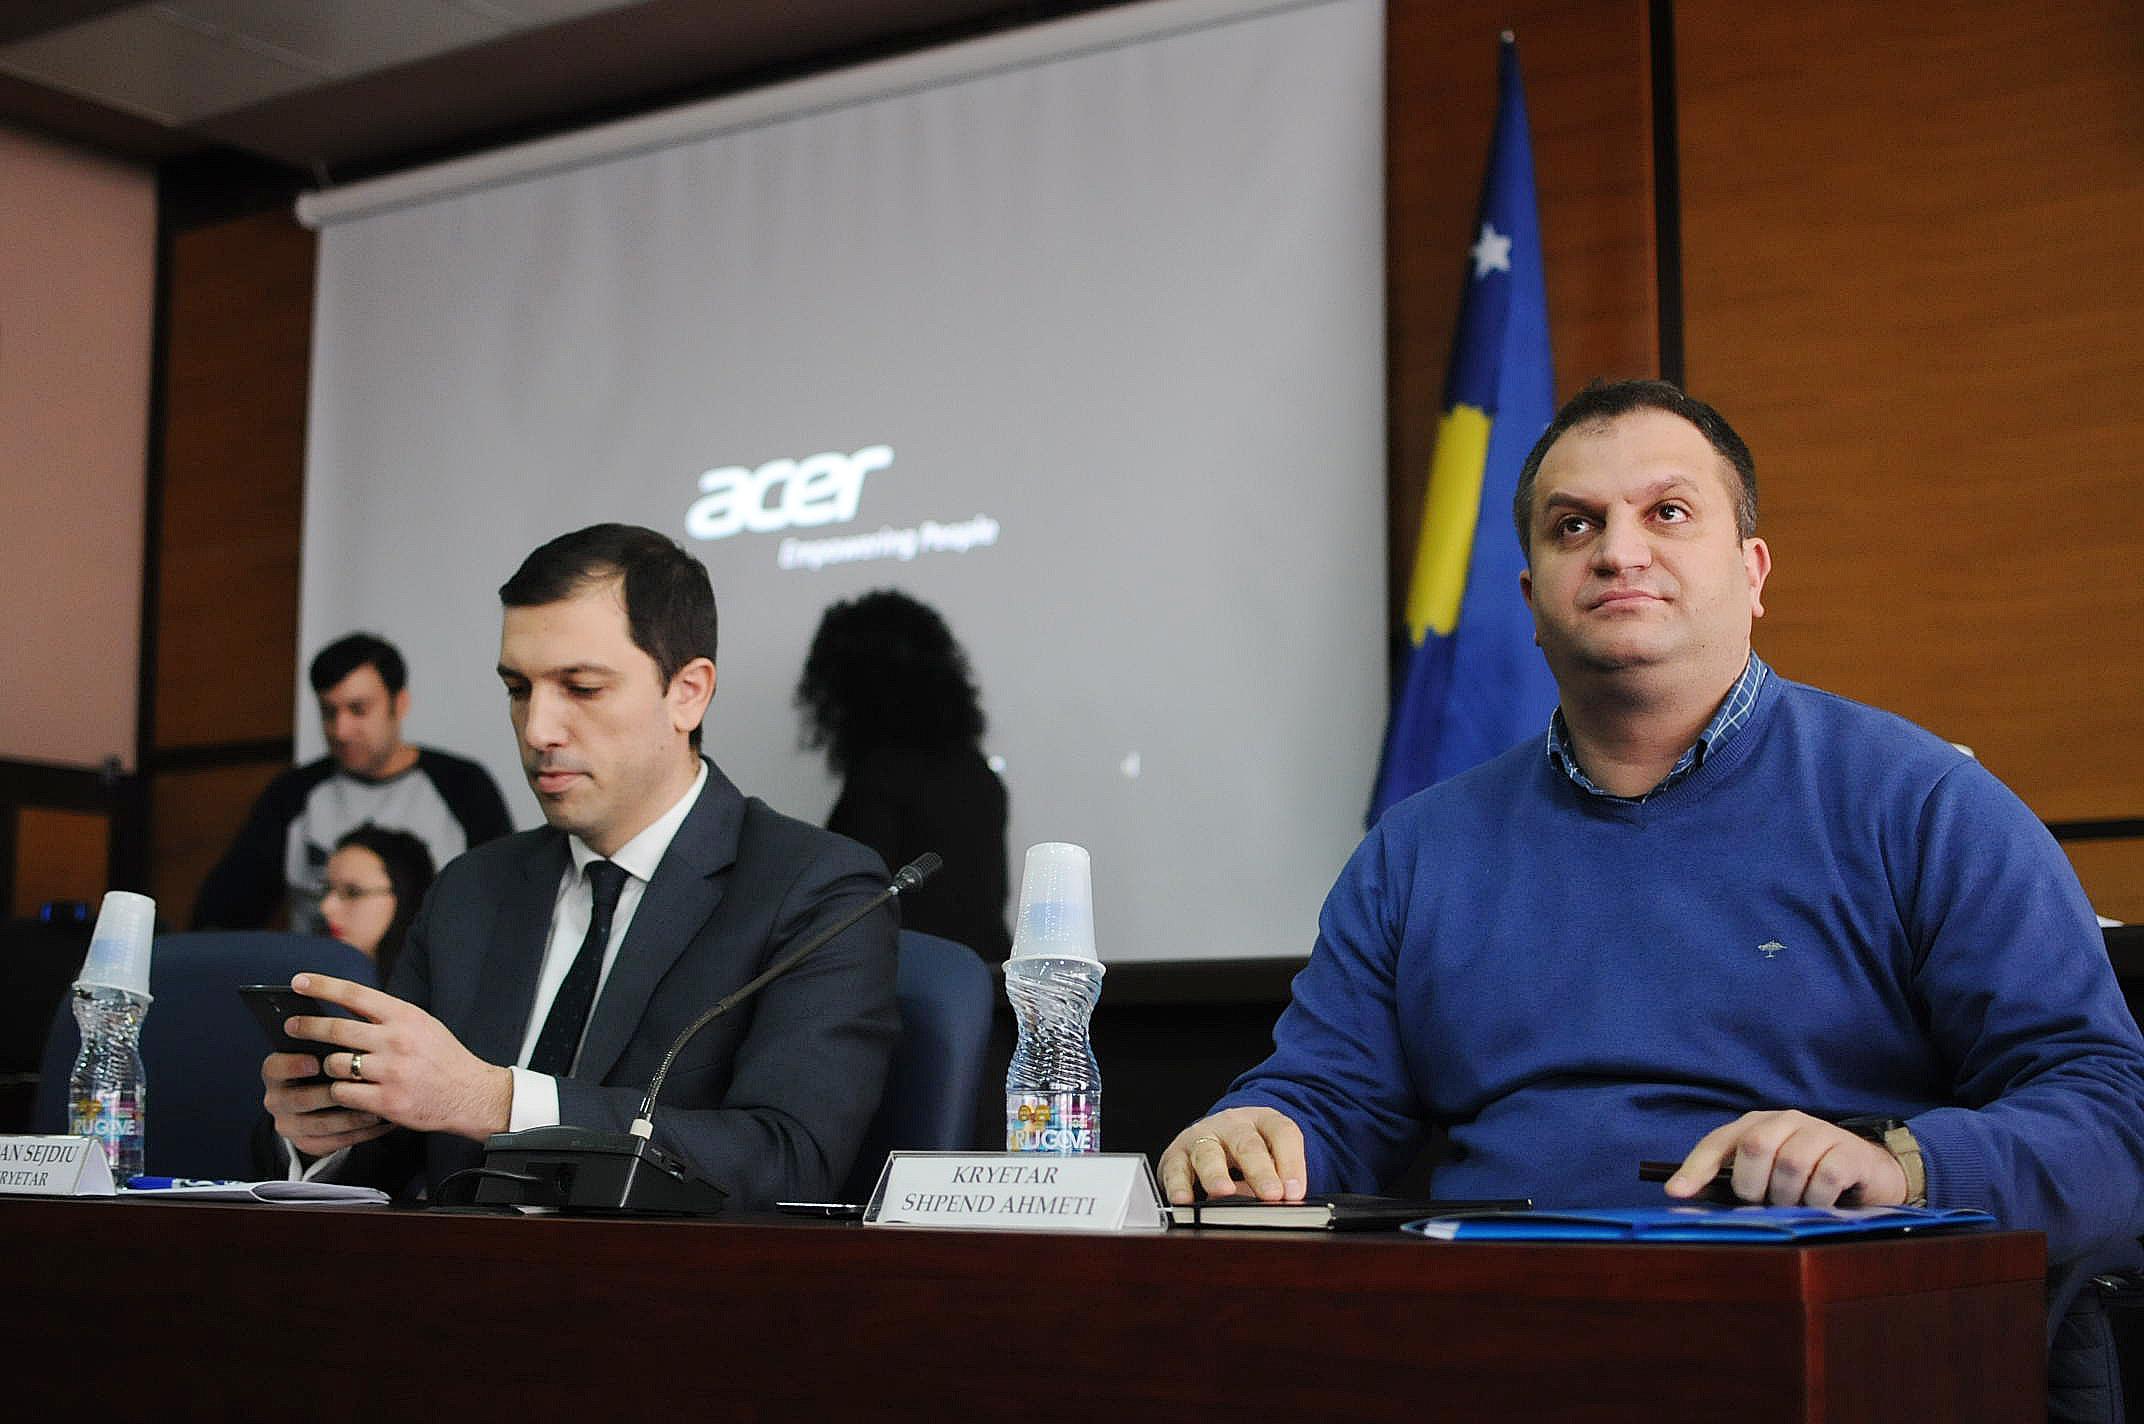 Dardan Sejdiu tregon nëse Shpend Ahmeti do ta lërë postin e kryetarit të  Prishtinës - Gazeta Online INSAJDERI